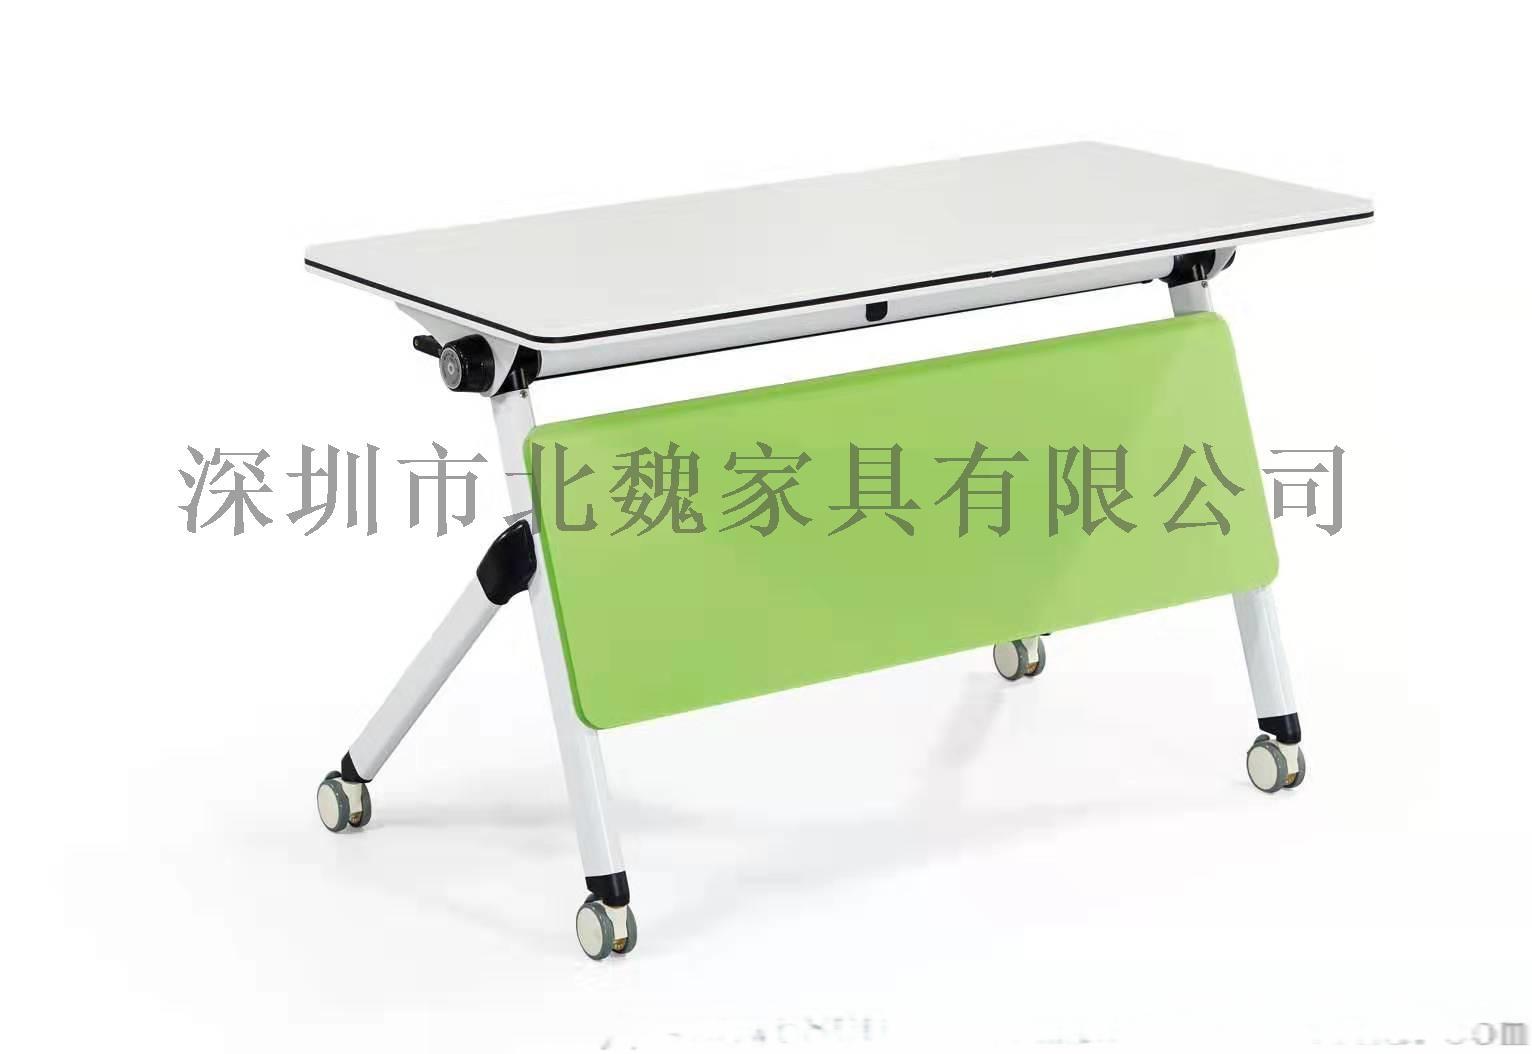 大学生课桌椅、多功能铝合金课桌椅、写字板座椅课桌、学生椅、学生课桌椅123069625